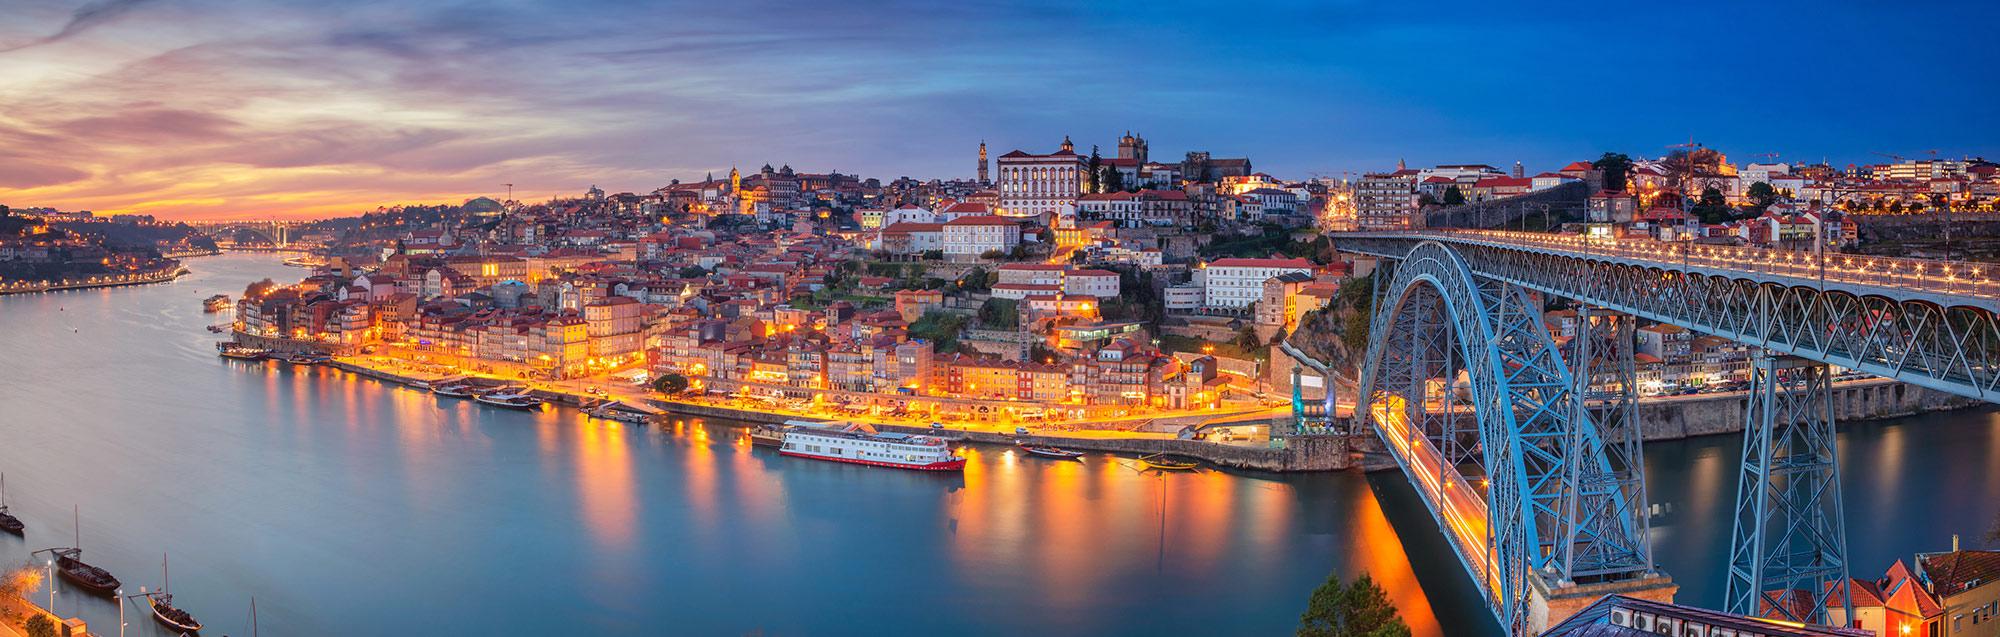 Sprachschulen Porto 2021/2022 günstiger buchen